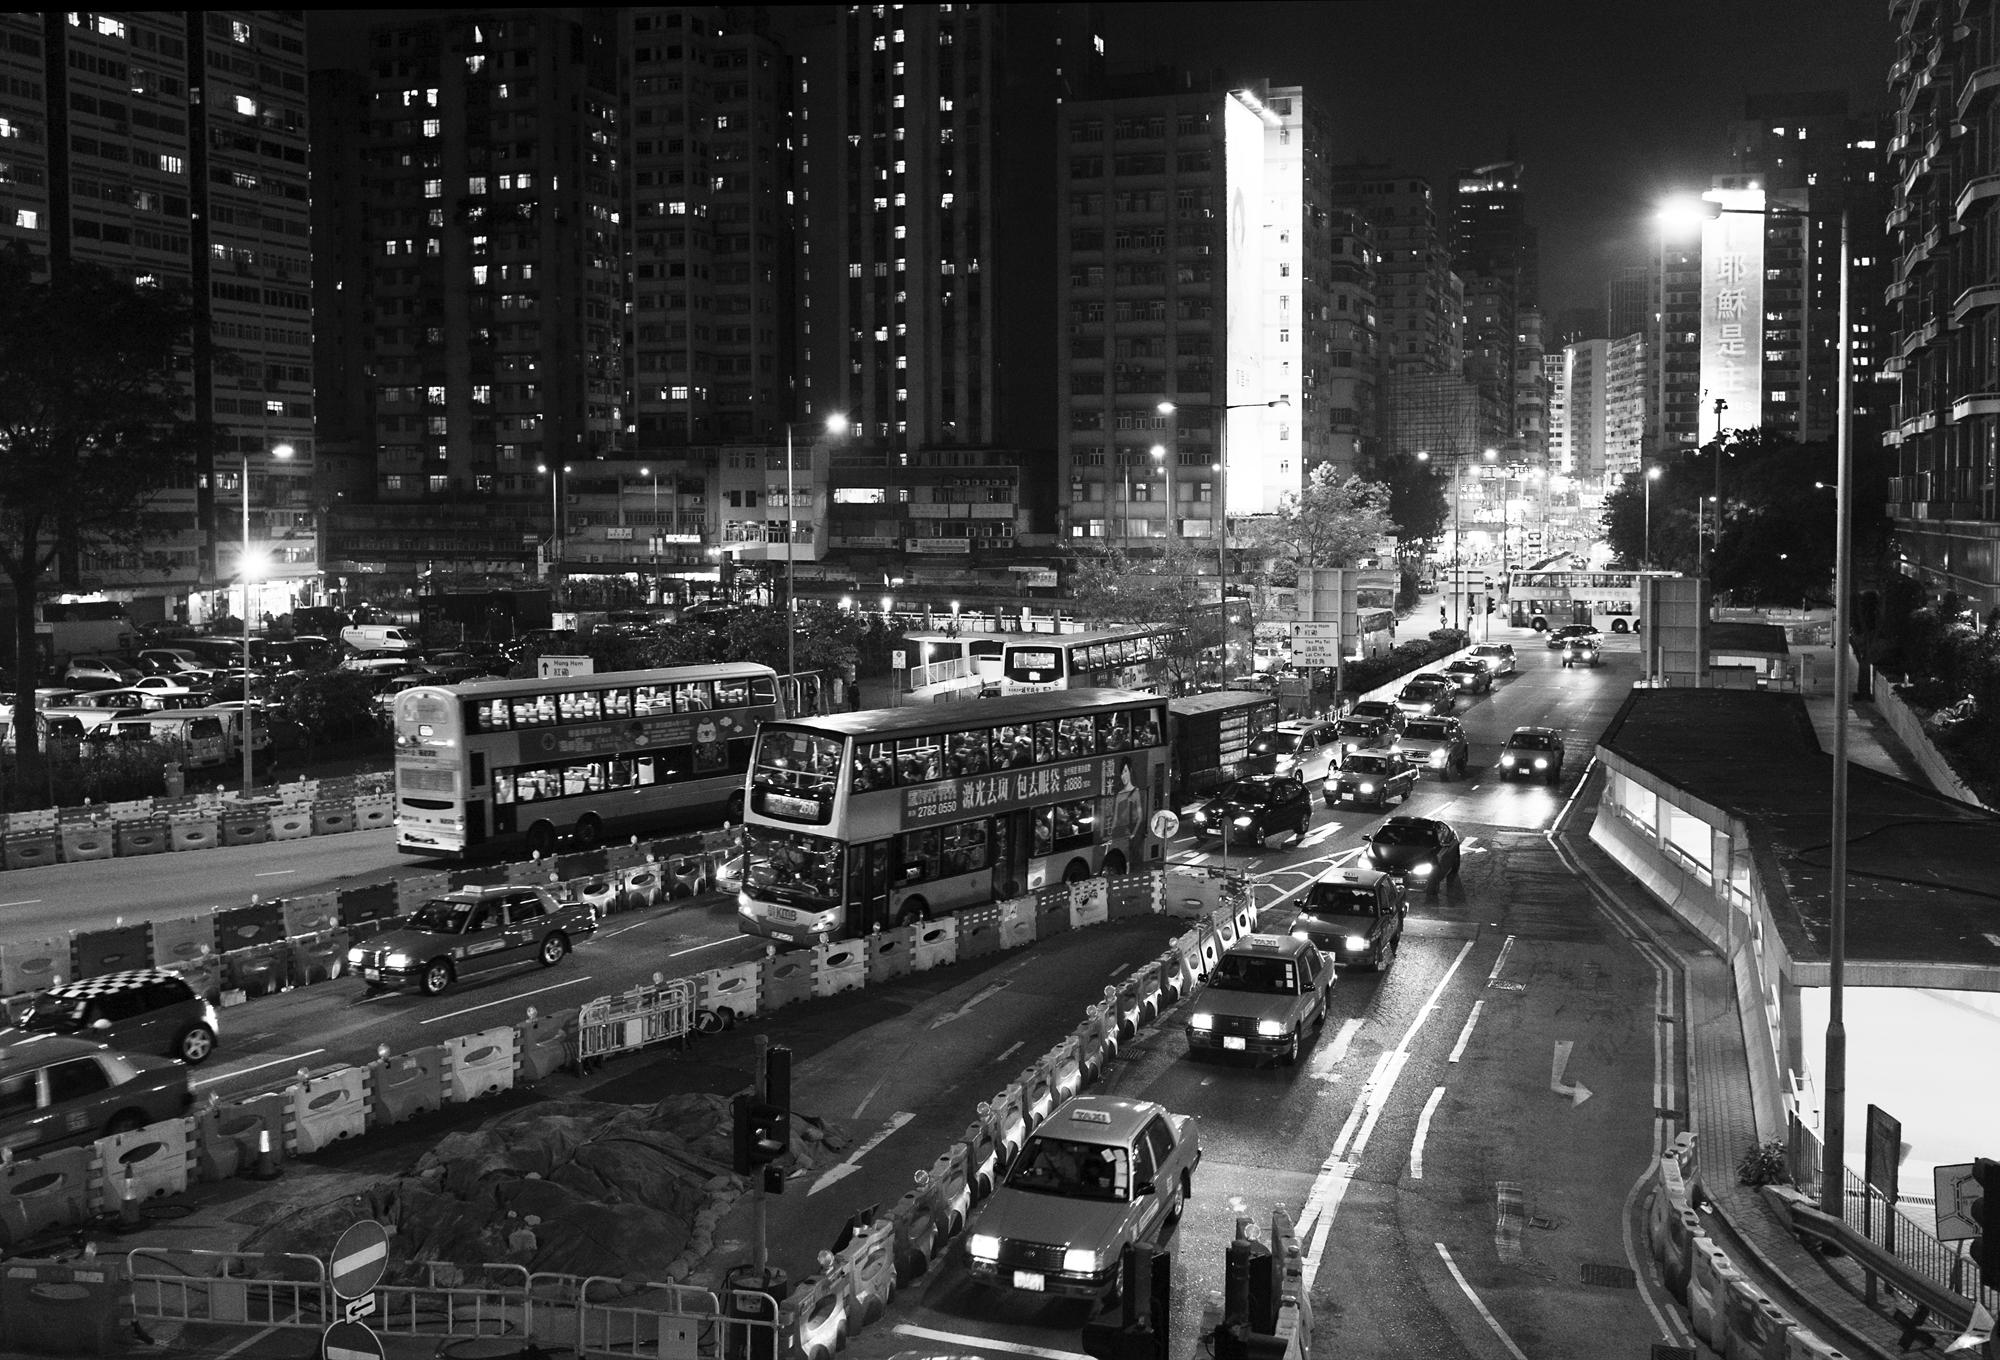 HONKKONG NIGHT.jpg